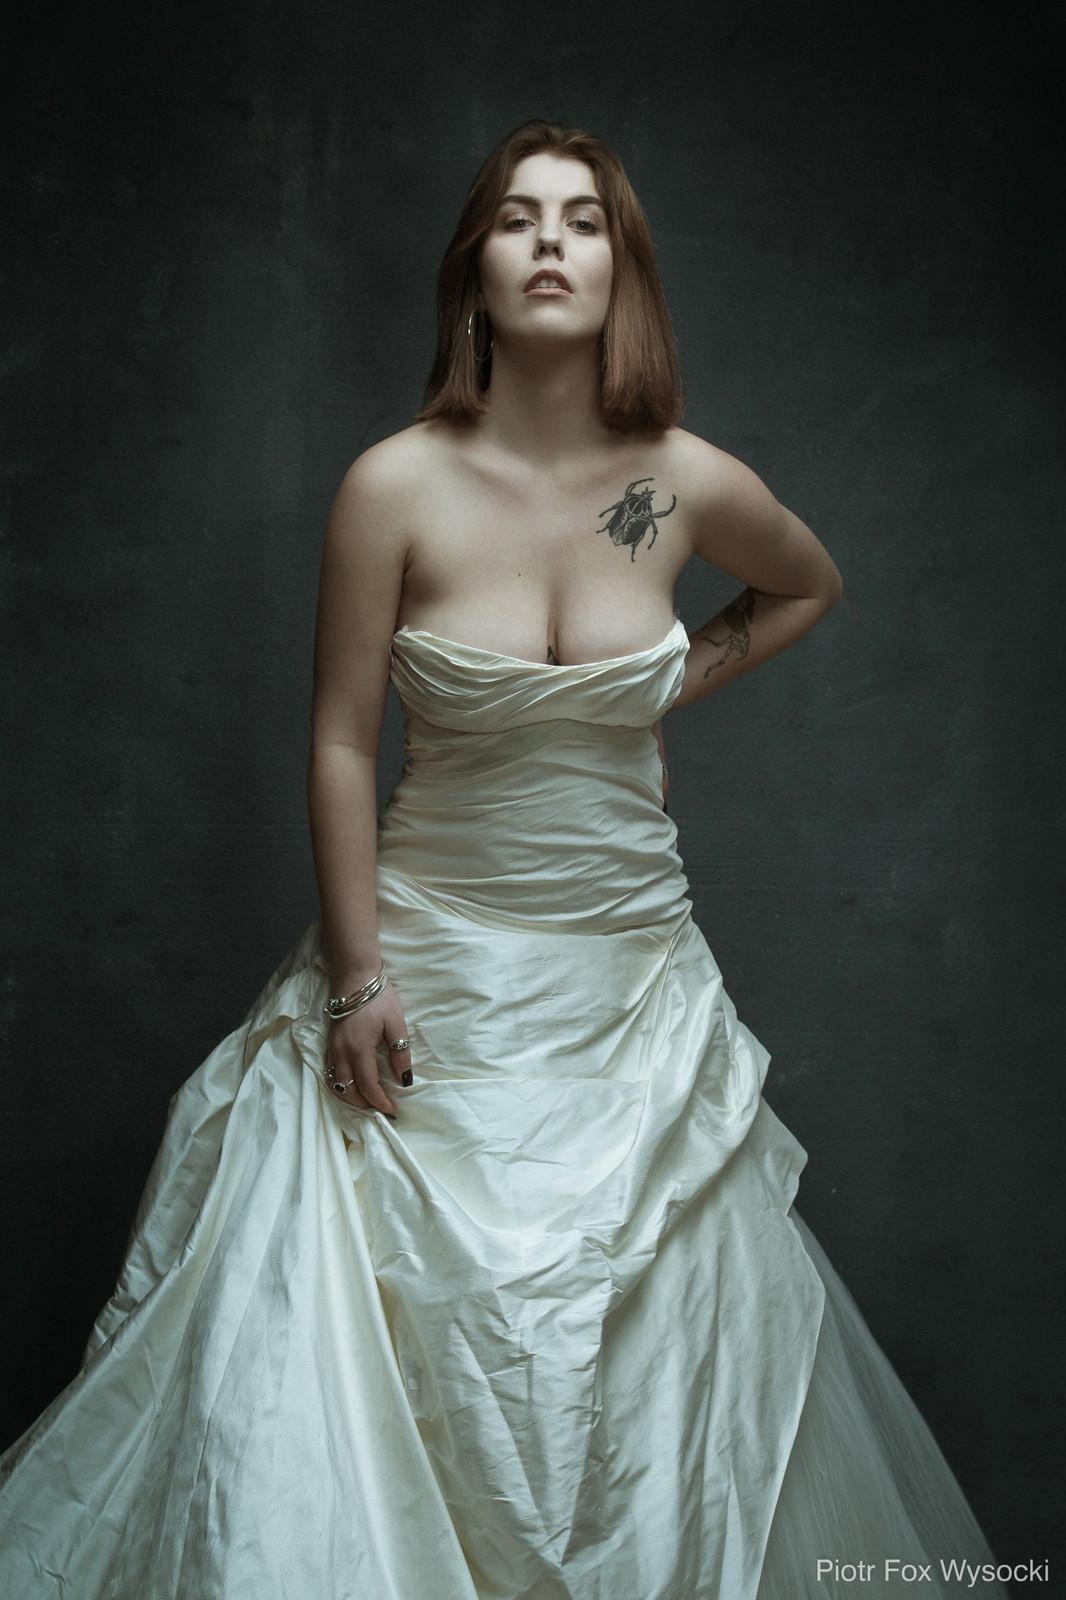 Dorable Lingerie For Wedding Dress Vignette - All Wedding Dresses ...